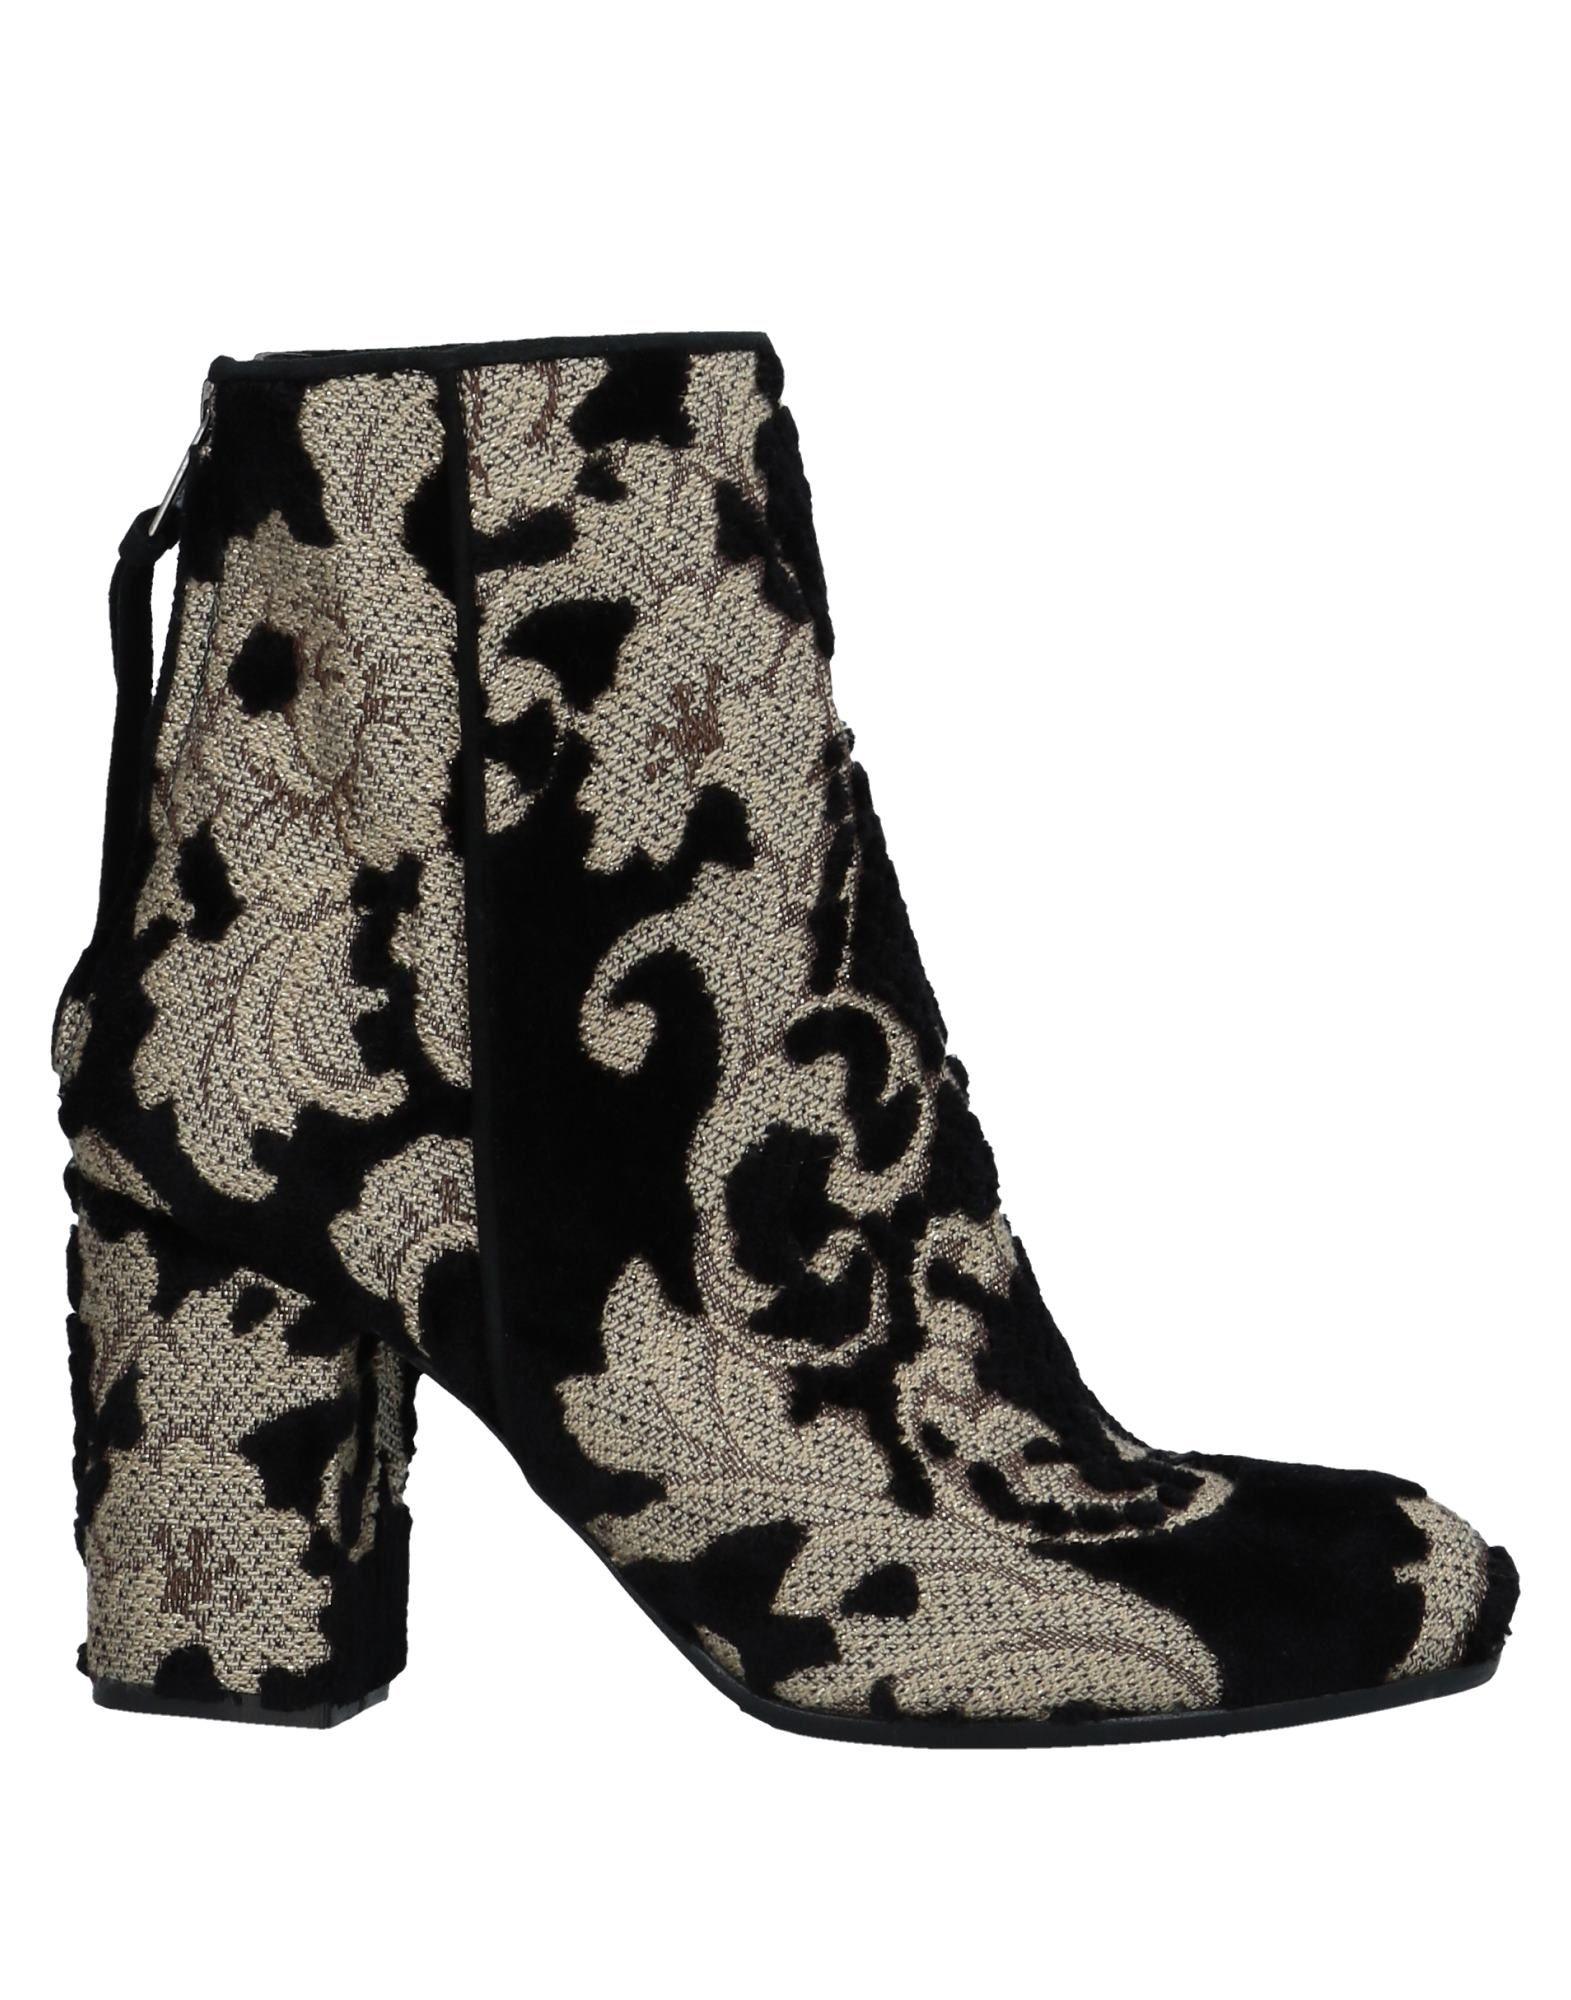 Sneakers Diadora Uomo - 11122873WK Scarpe economiche e buone